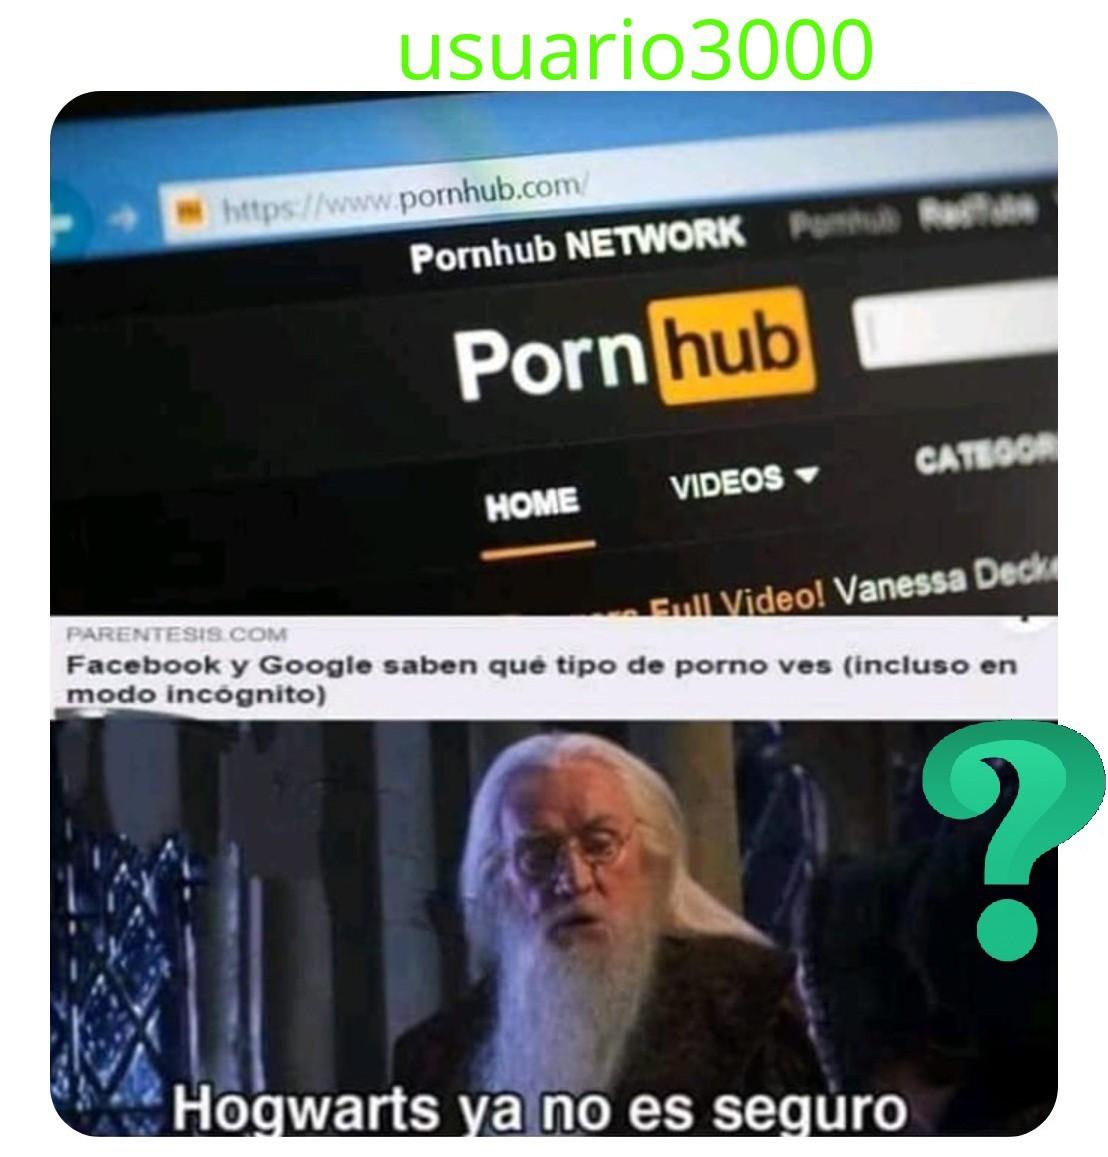 Nooo Harry que veías - meme